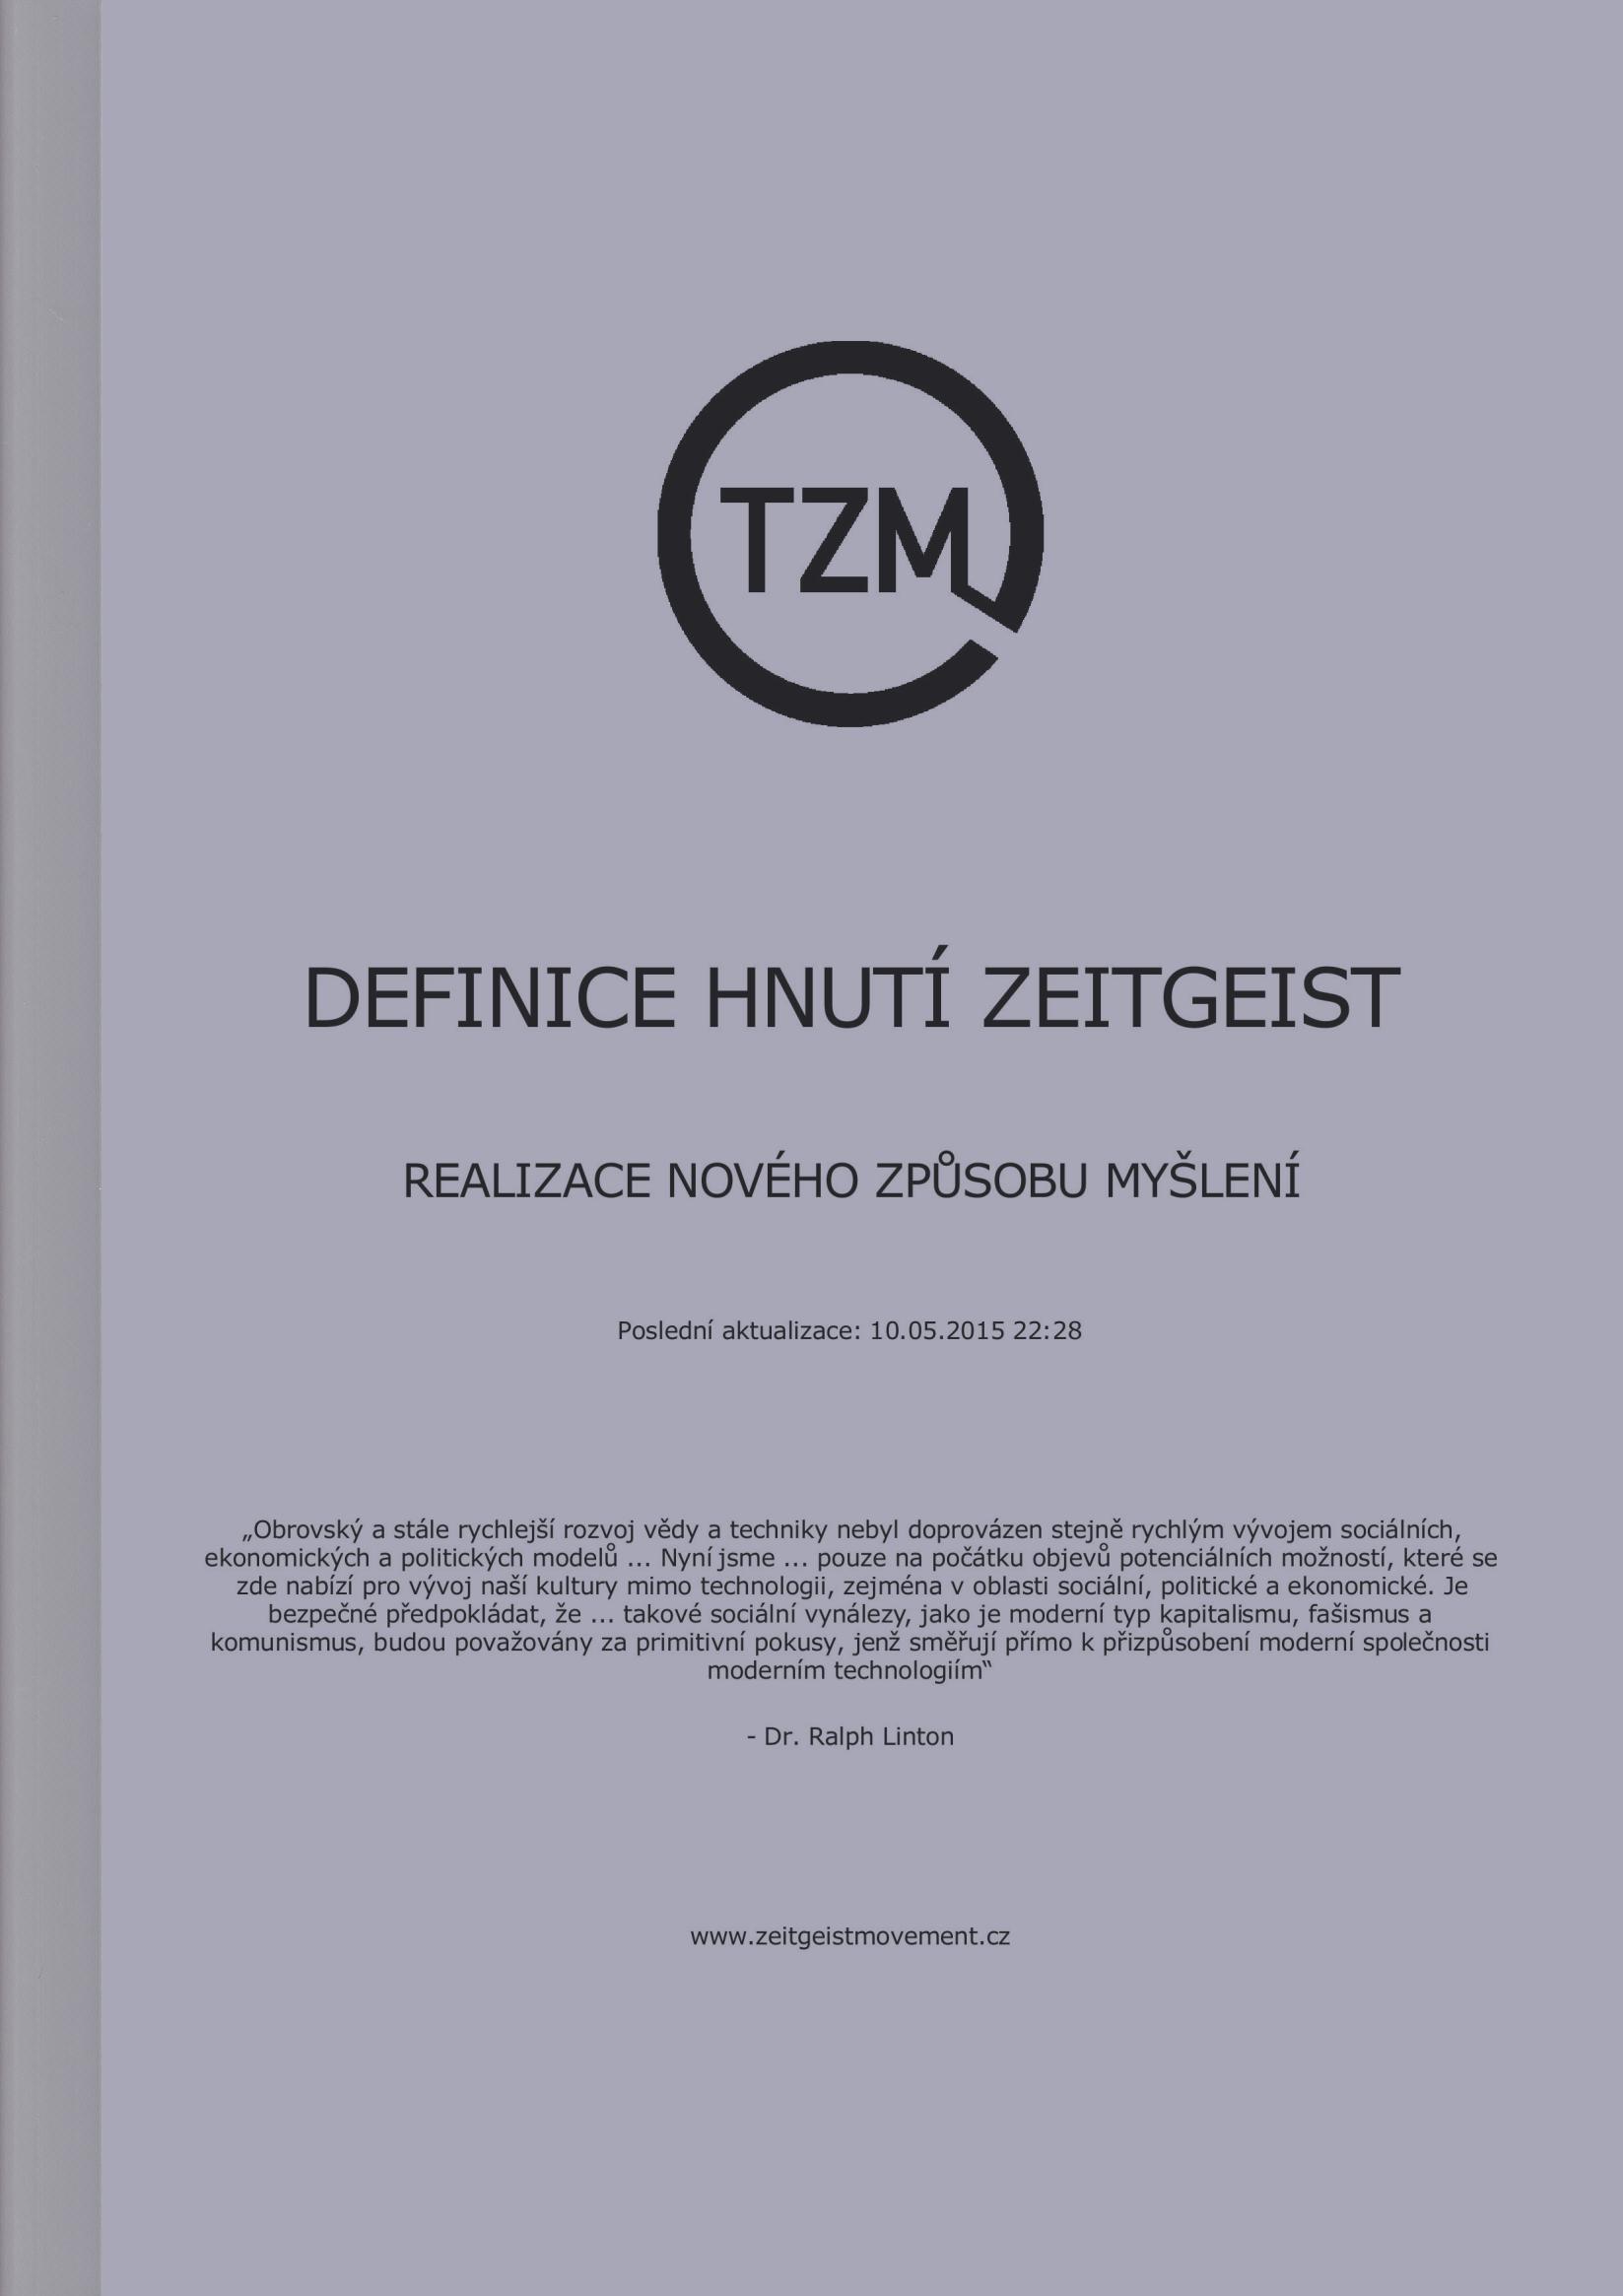 2015-05-10_DEFINICE HNUTÍ ZEITGEIST